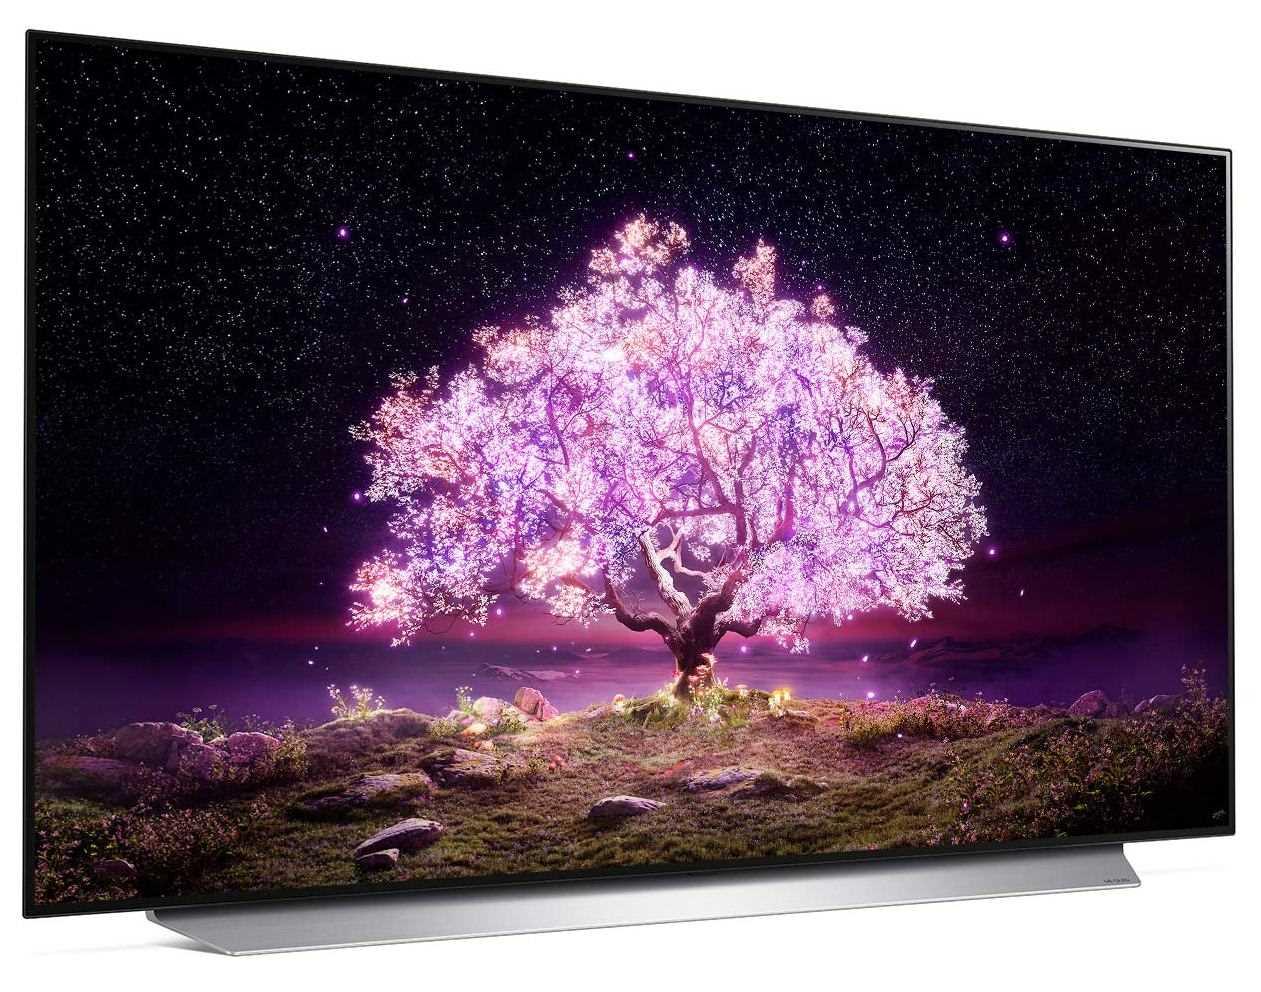 טלוויזיה 65 אינץ' דגם OLED 65C1PVA בטכנולוגיית LG OLED 4K Ultra HD אל ג'י - תמונה 7